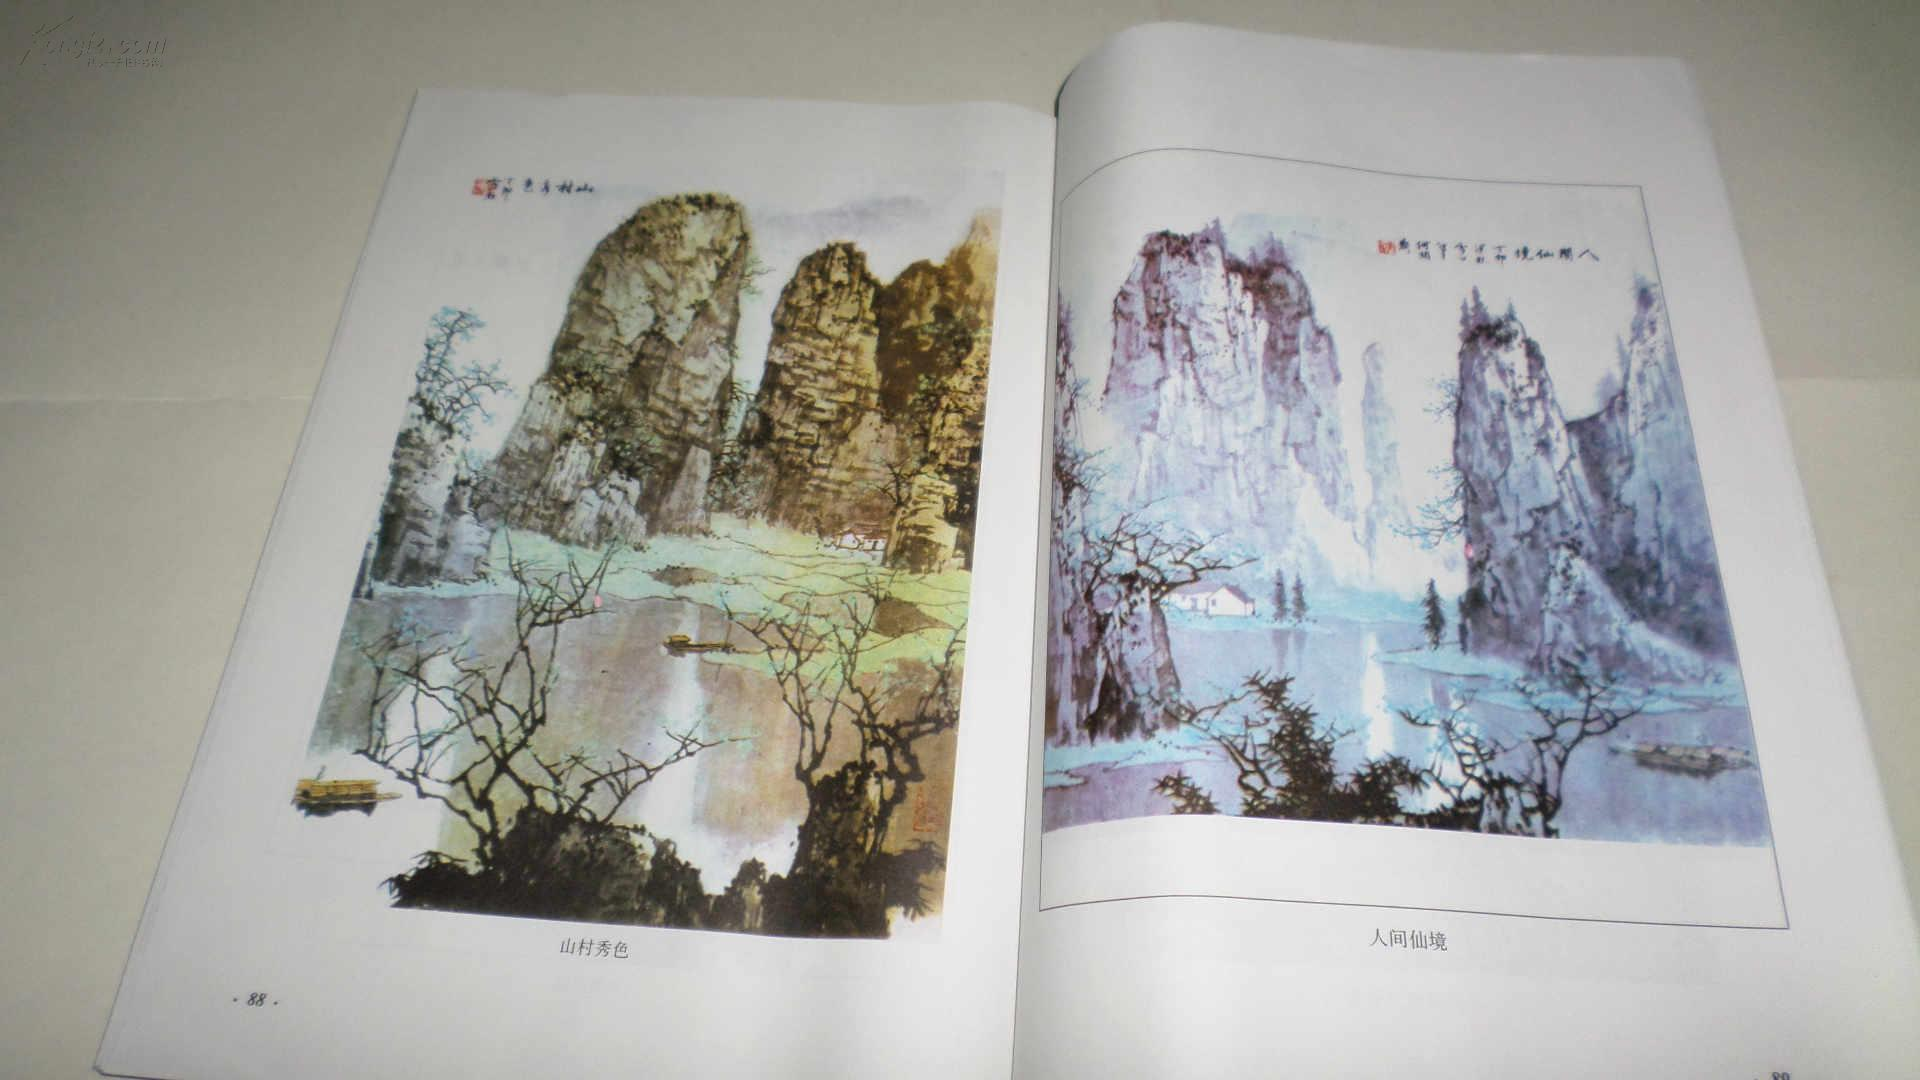 【图】写意山水画技法(中国书画函授大学国画教材)图片